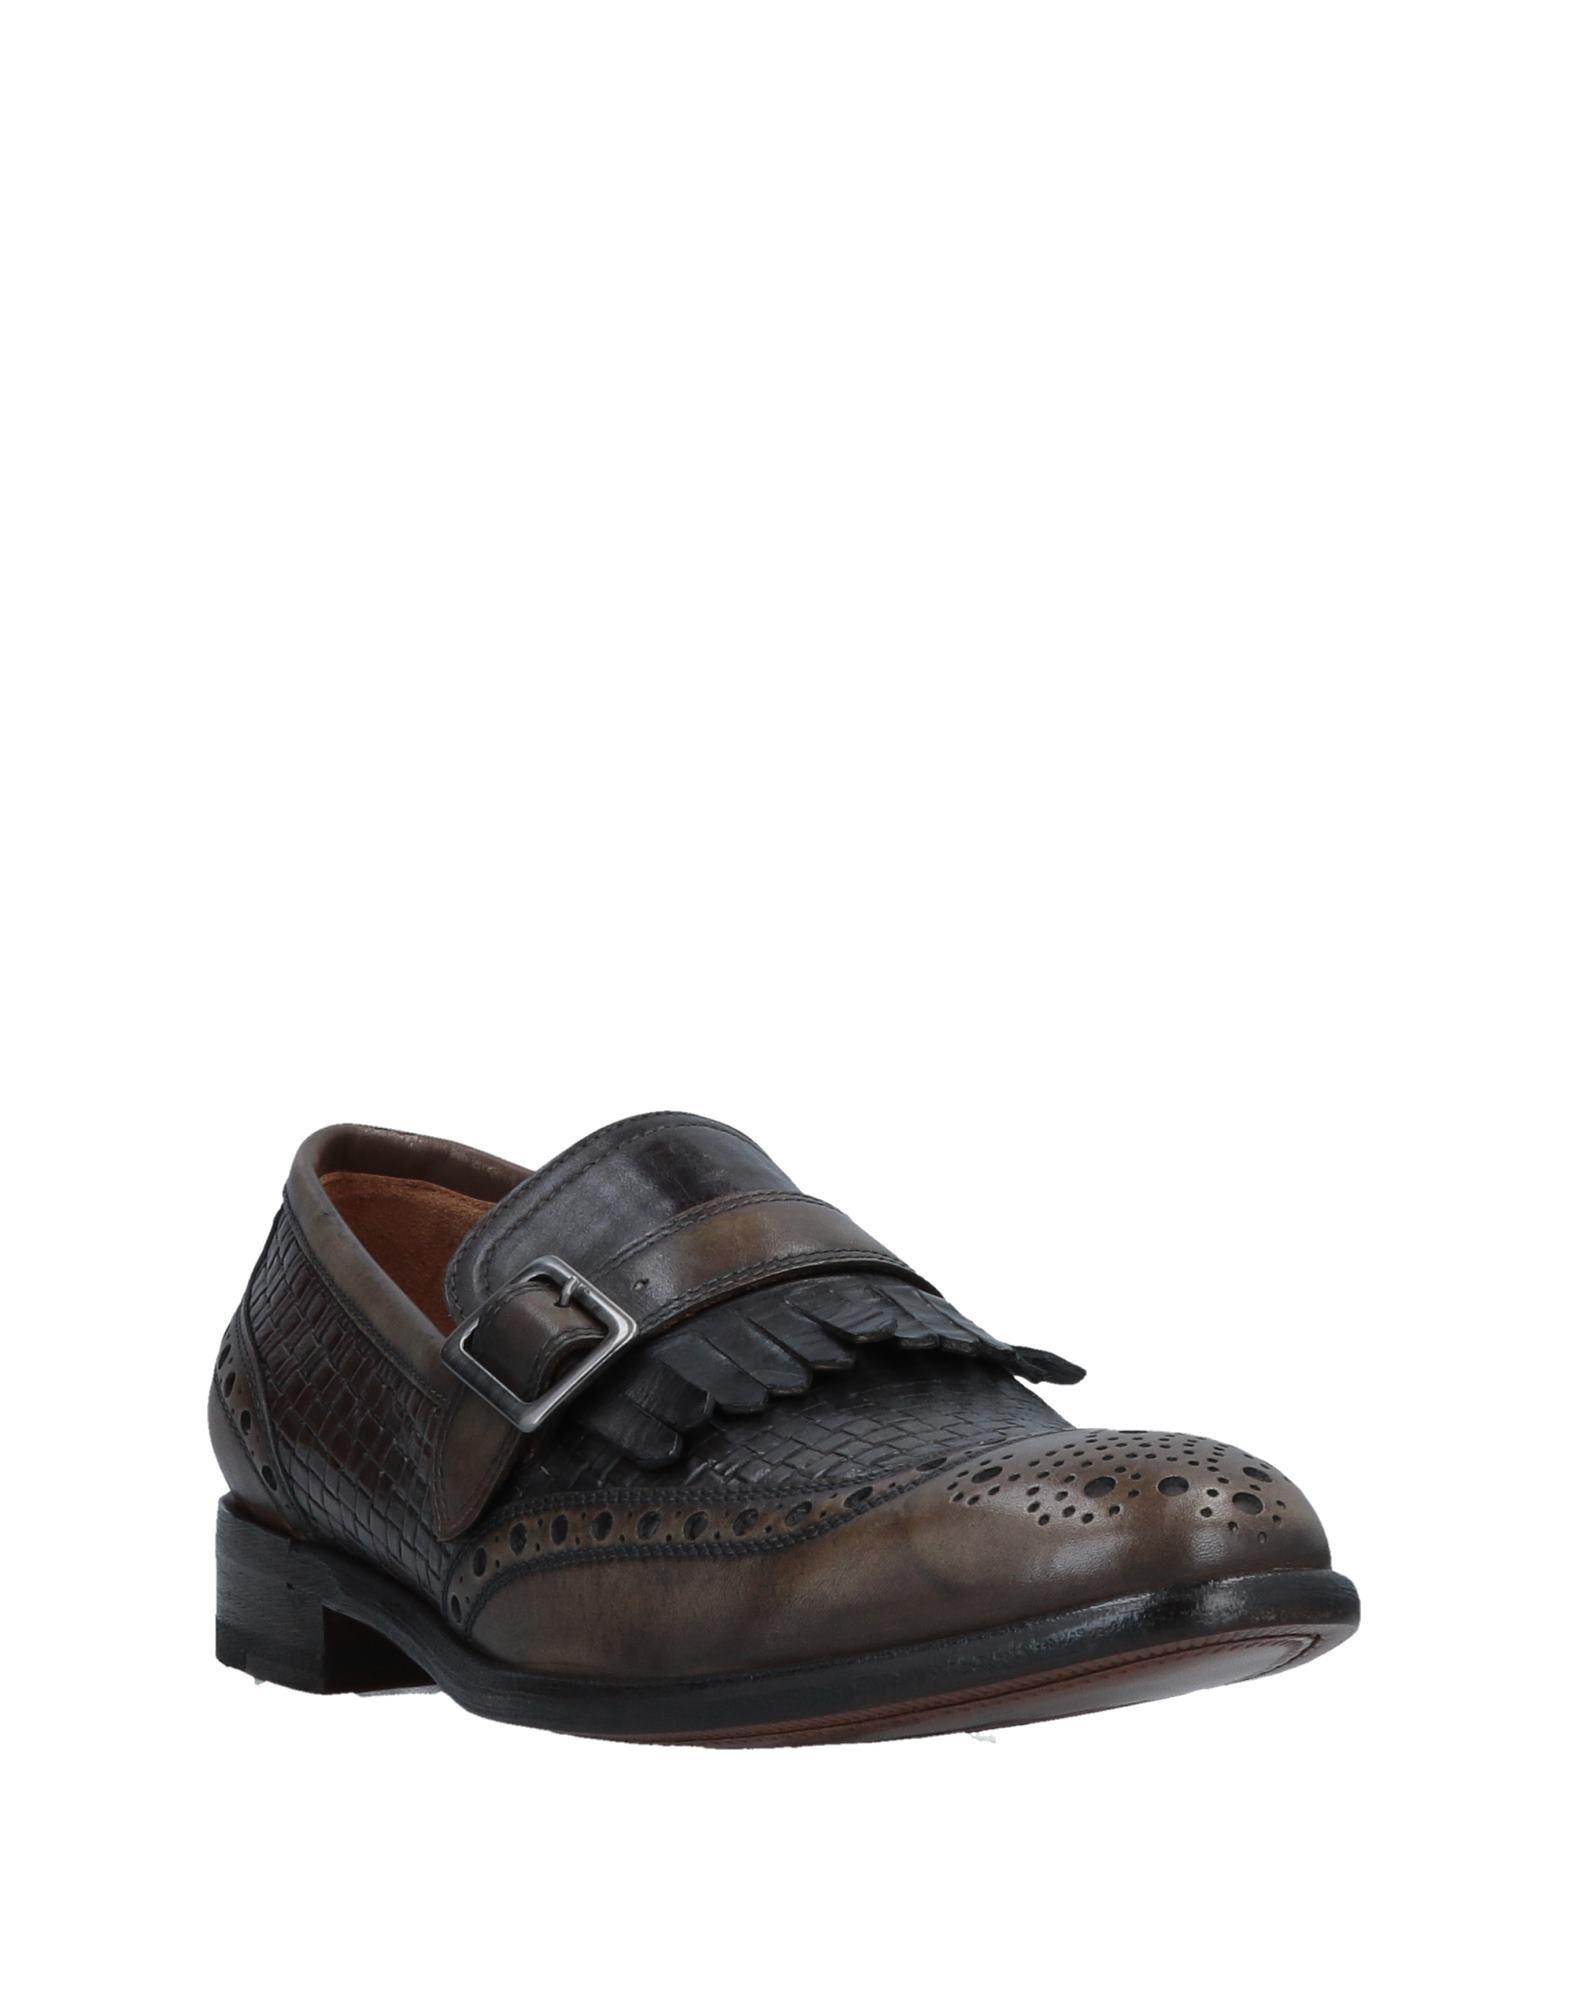 Rabatt echte 11502202RU Schuhe Botti Mokassins Herren 11502202RU echte 70c763